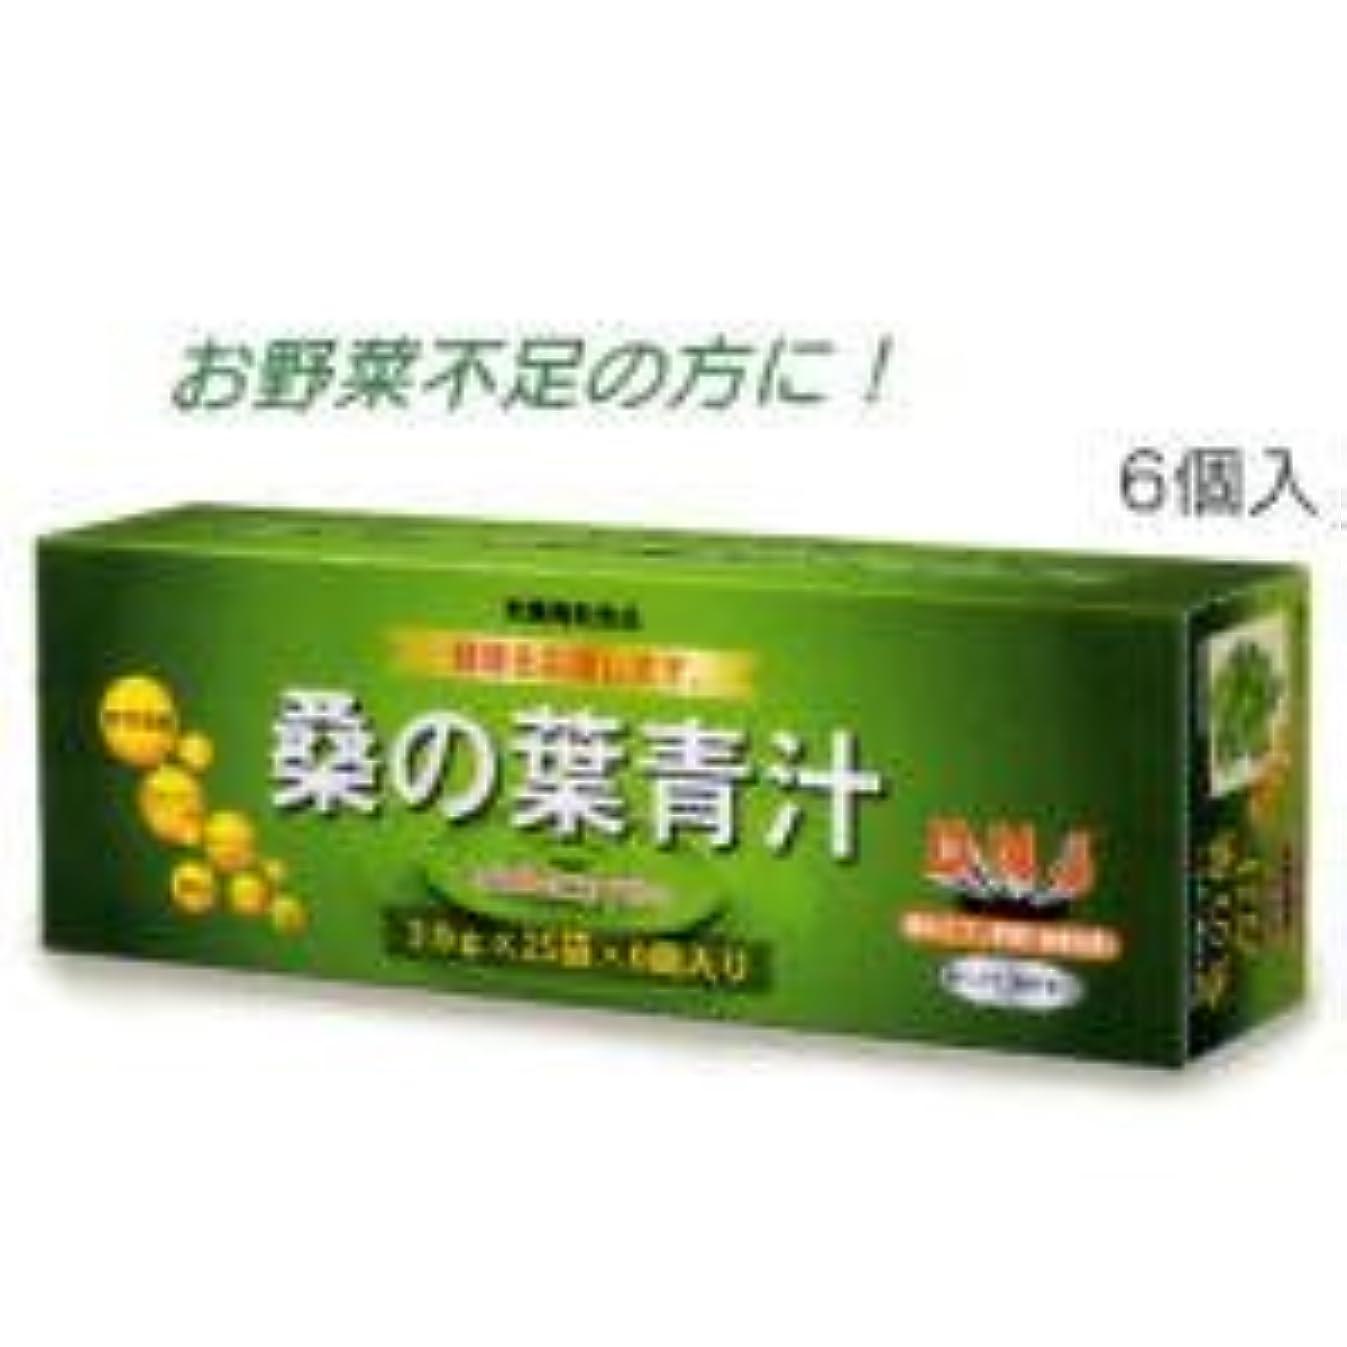 桑の葉青汁 6個入り